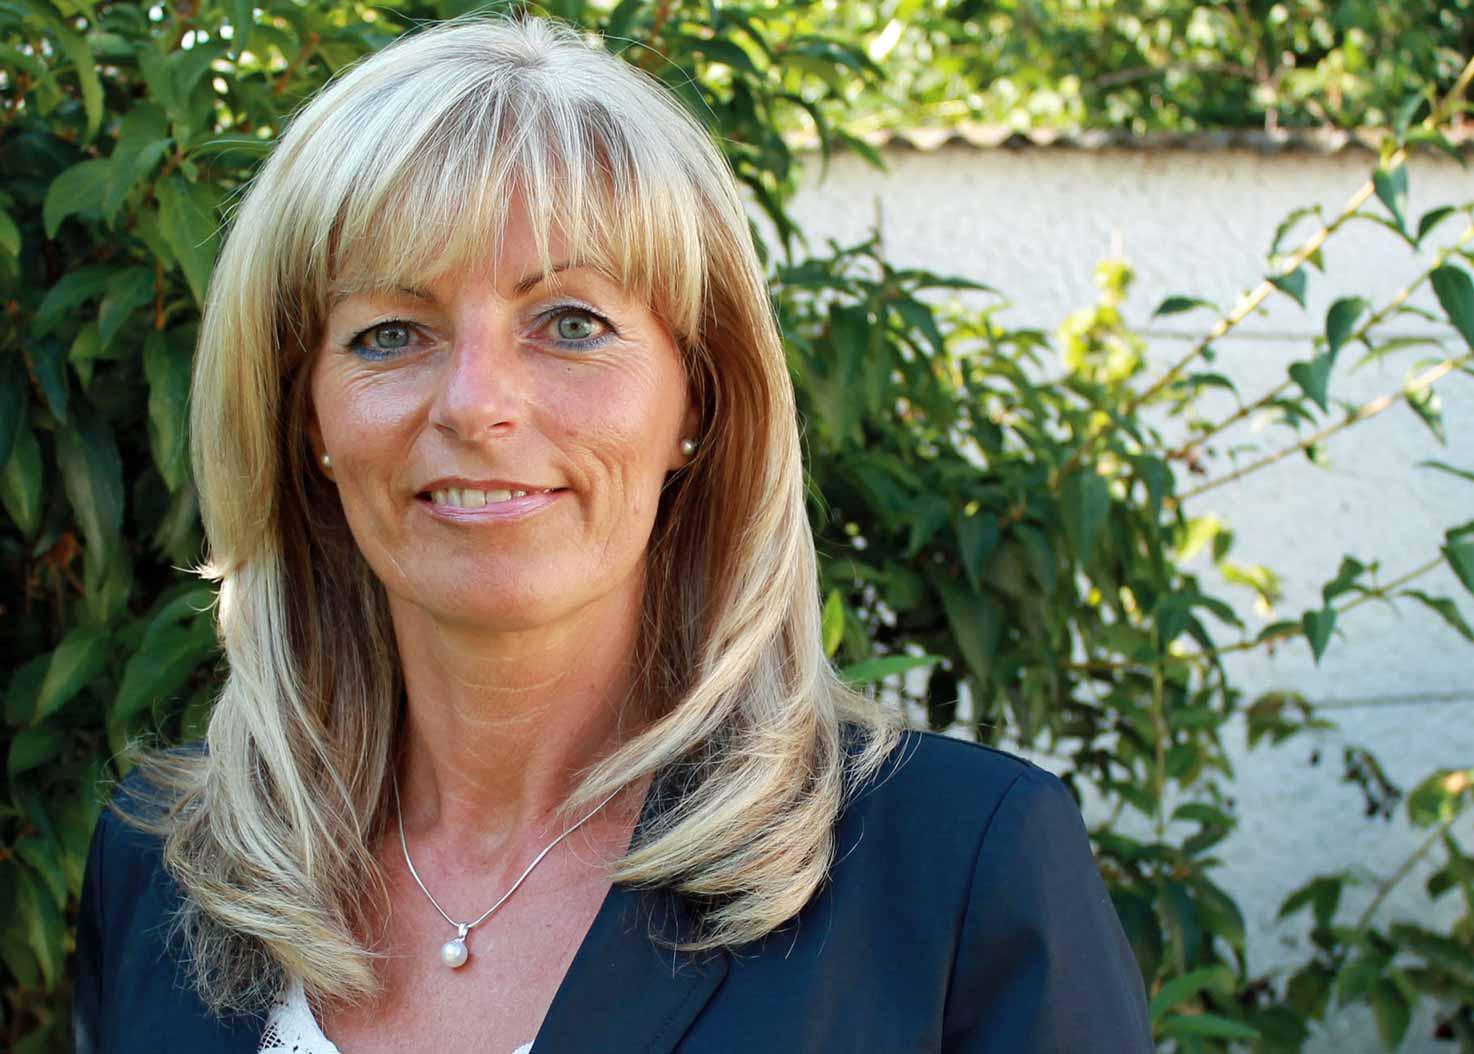 Elisabeth Böhm ist die erste SPÖ-Bürgermeisterin in der zweitgrößten burgenländischen Stadt. (Bild: ZVG)